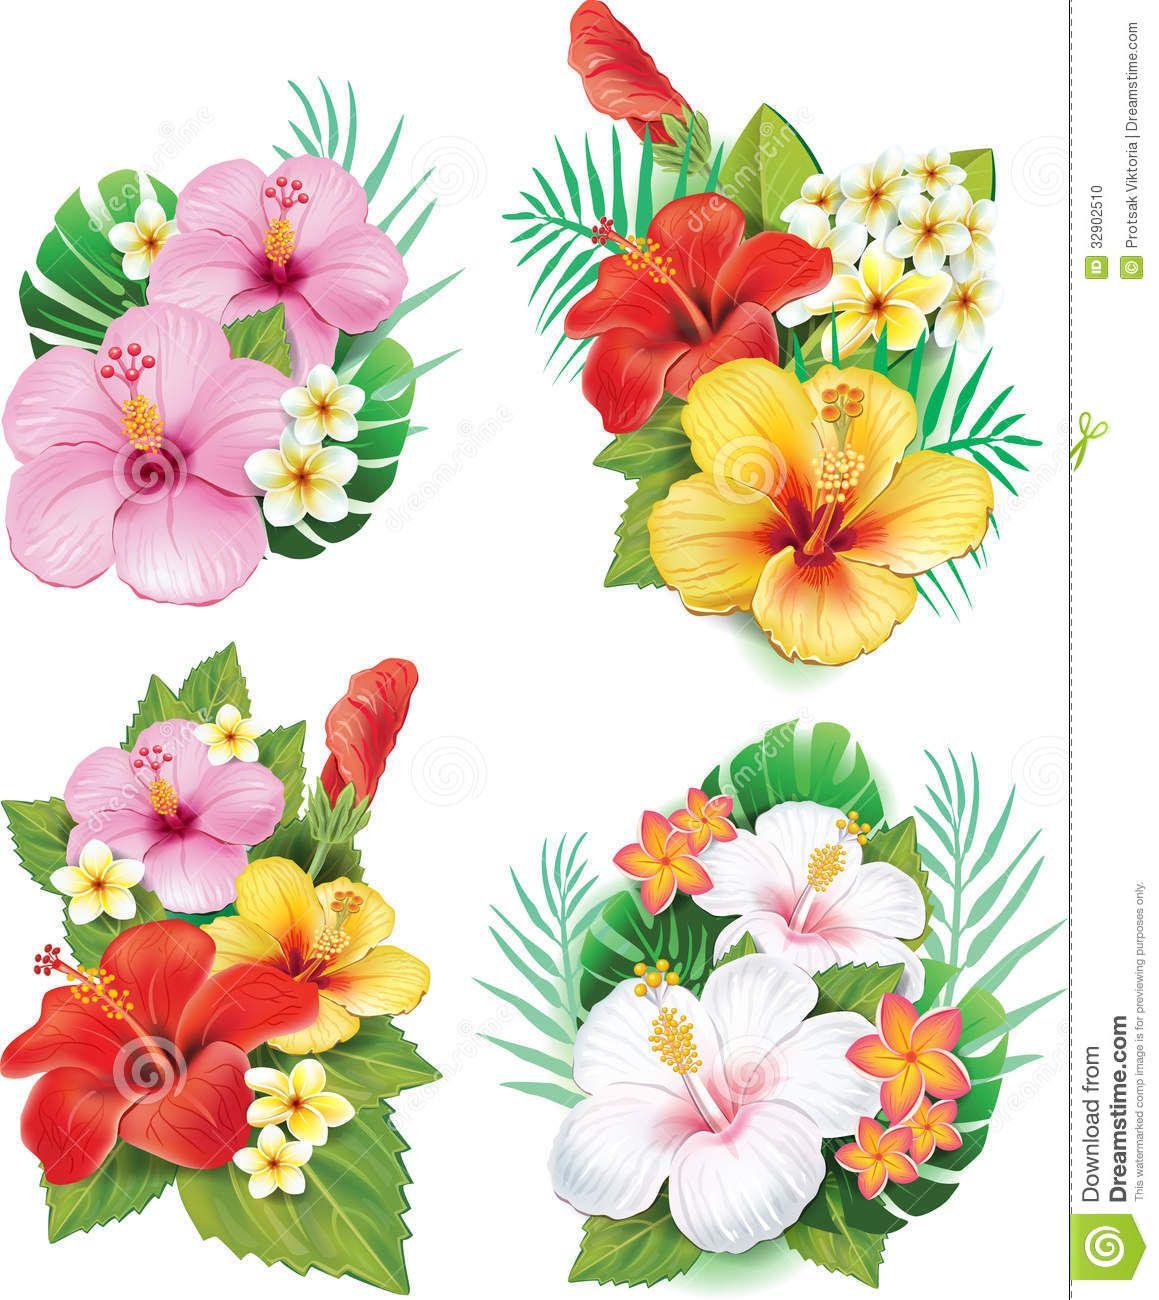 Blue hawaiian flower clipart arrangement from hibiscus other blue hawaiian flower clipart arrangement from hibiscus other izmirmasajfo